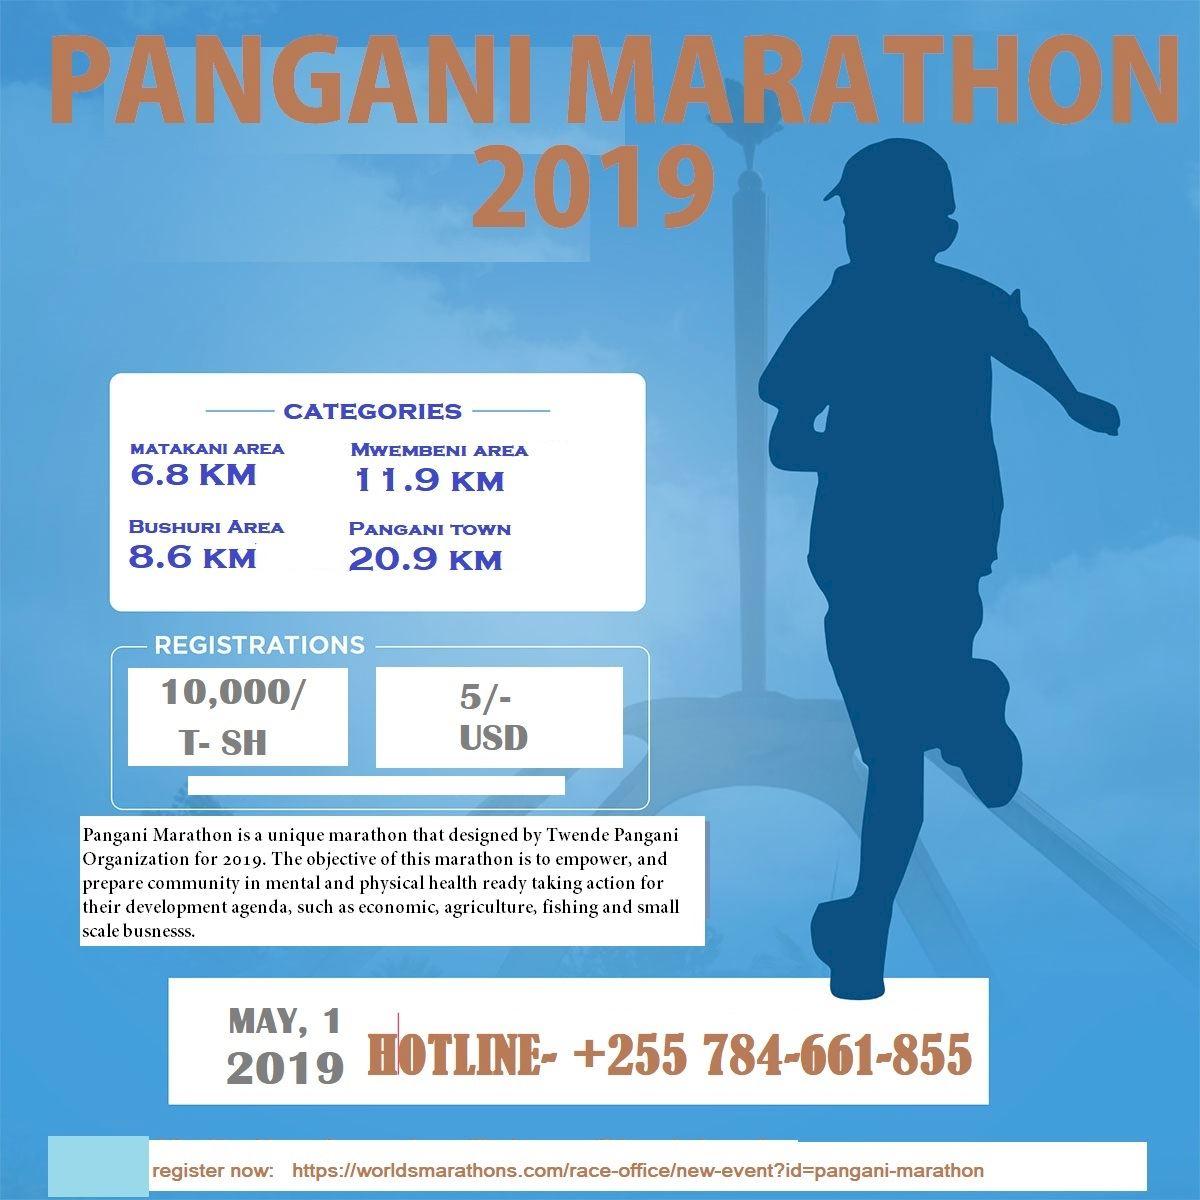 pangani marathon